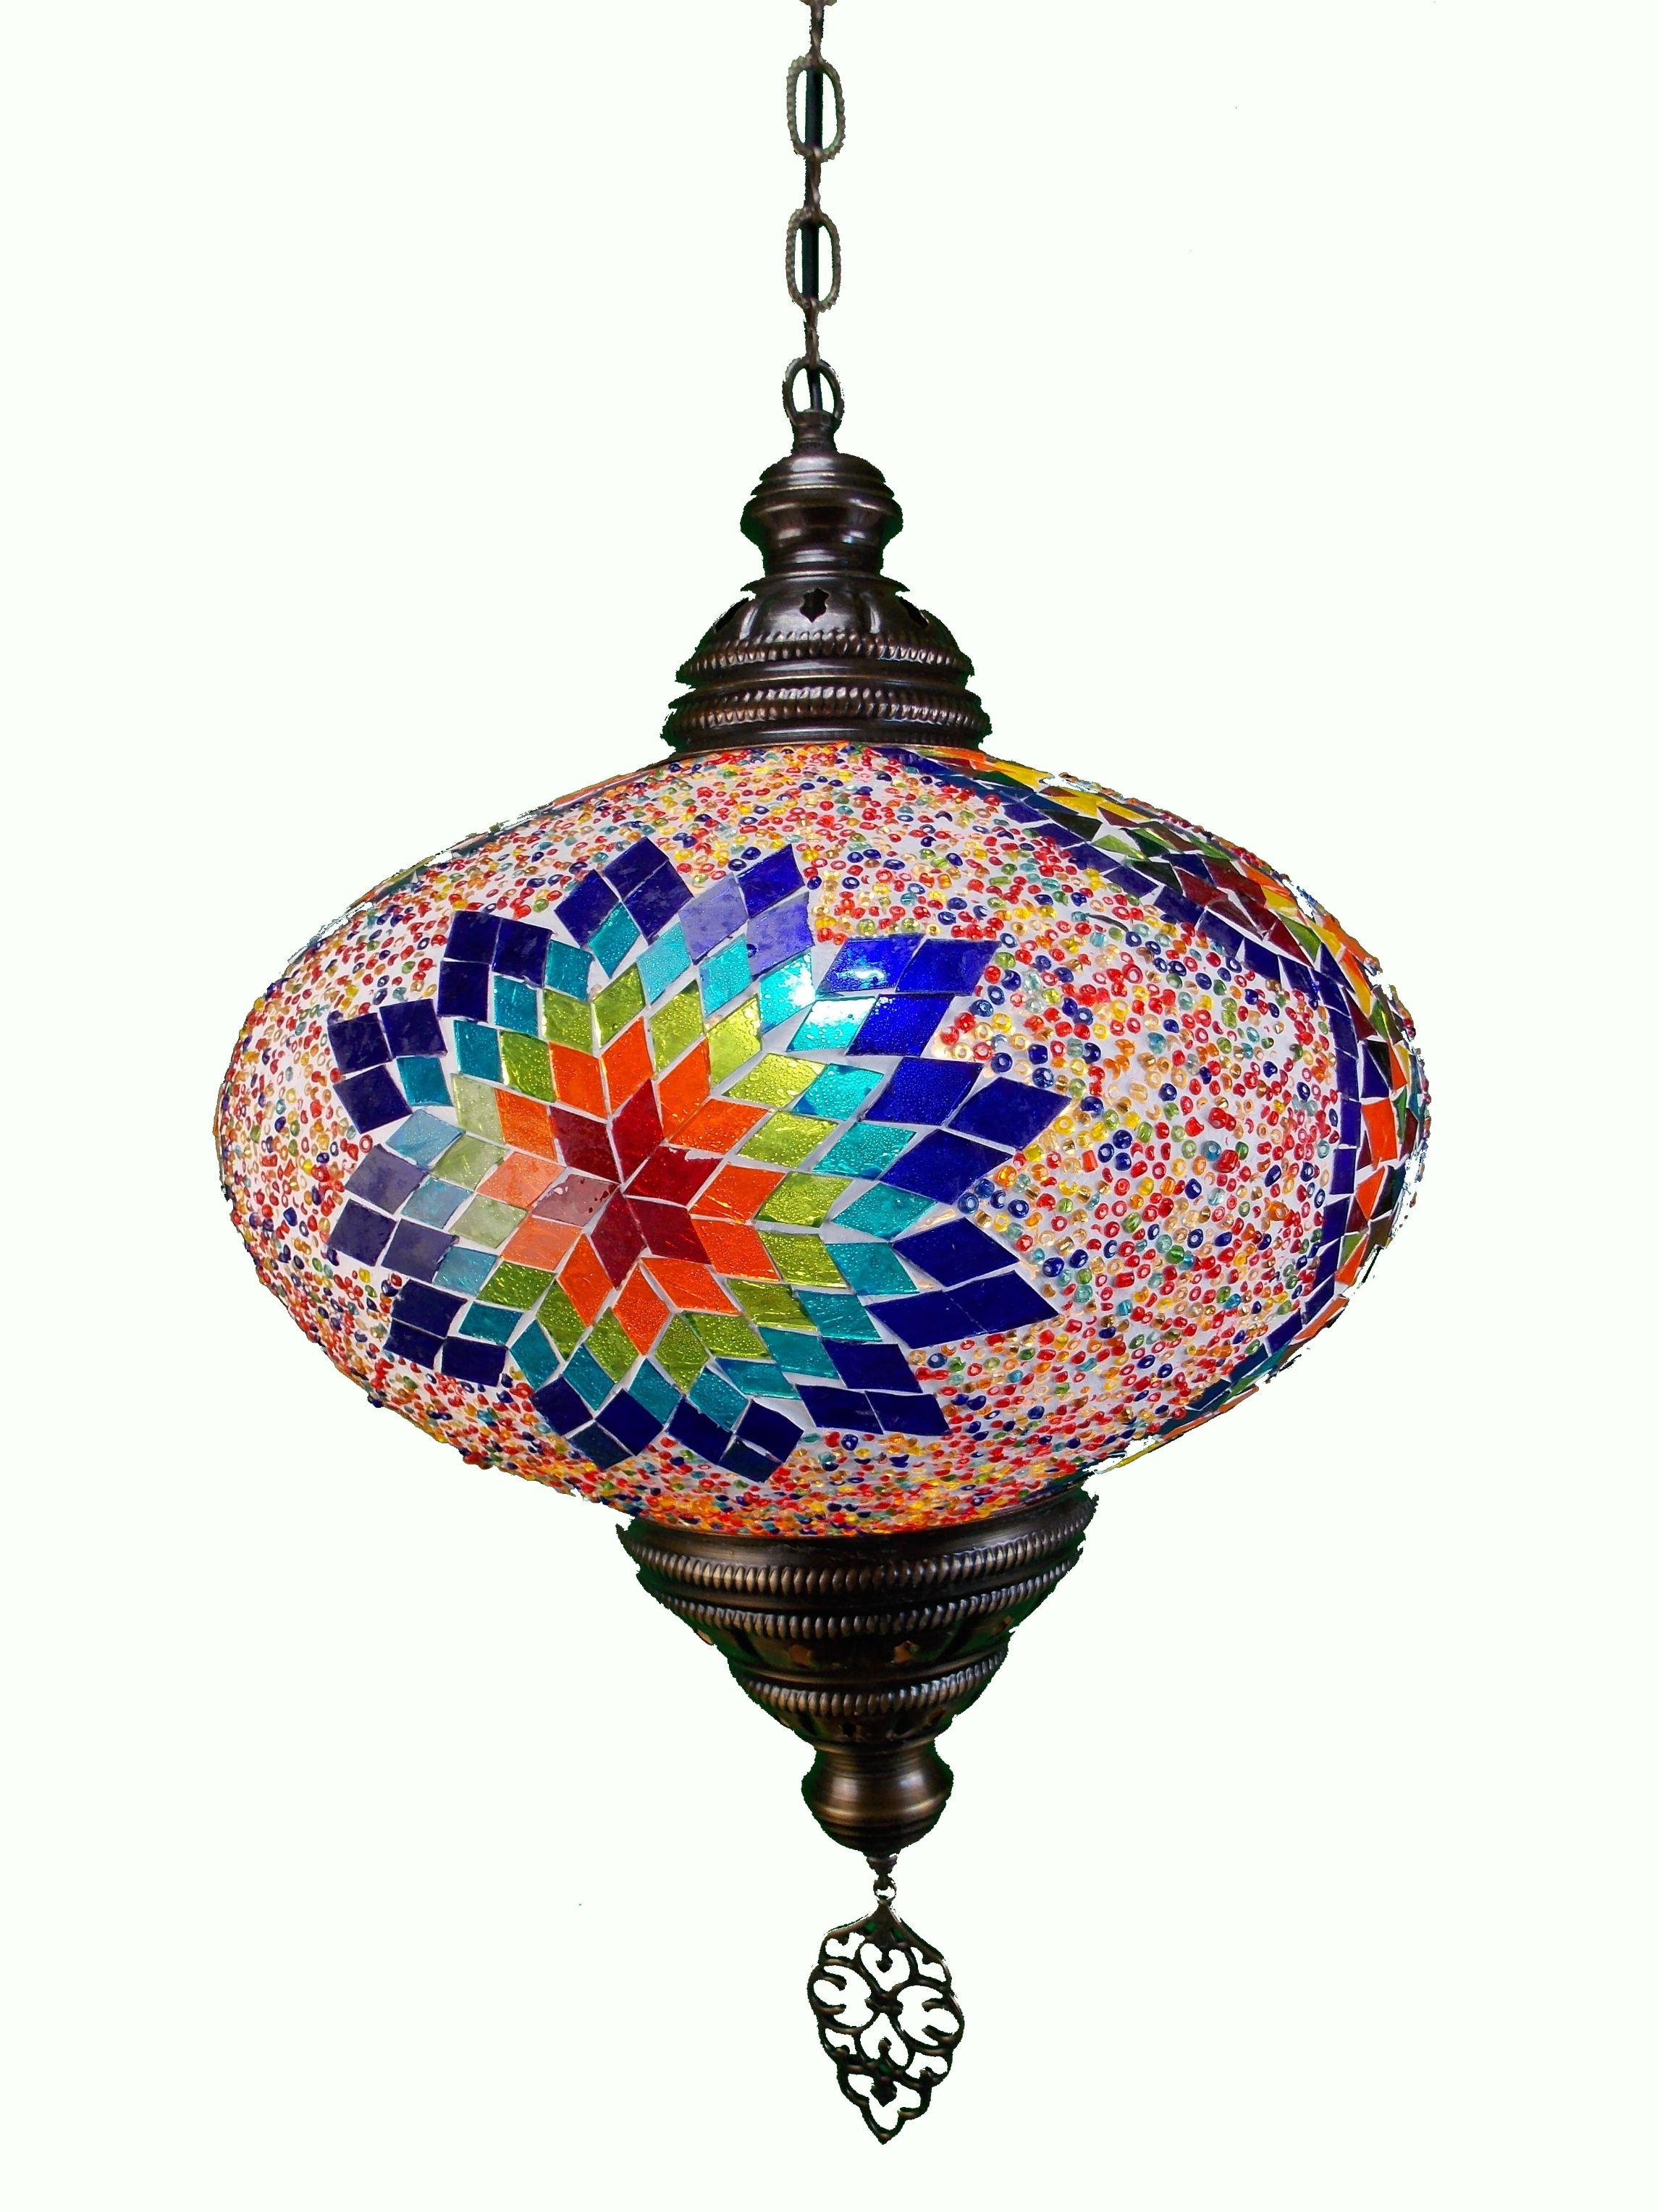 Lampa turceasca  de tavan cu glob din mozaic si lant metal 73cm lant ,35cm diametrul glob